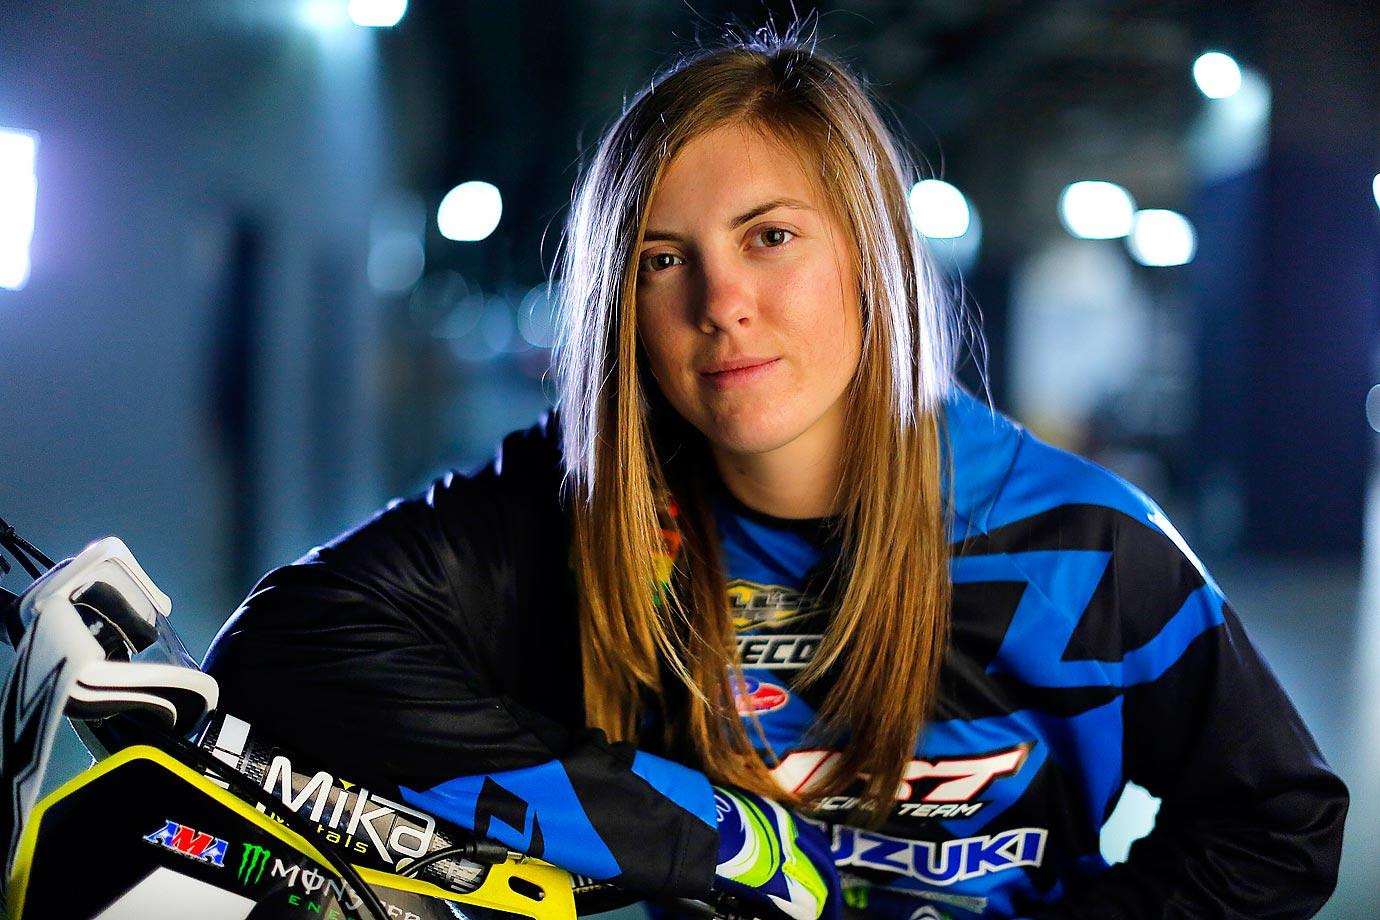 Vicki Golden prior to race day in Arlington, TX.